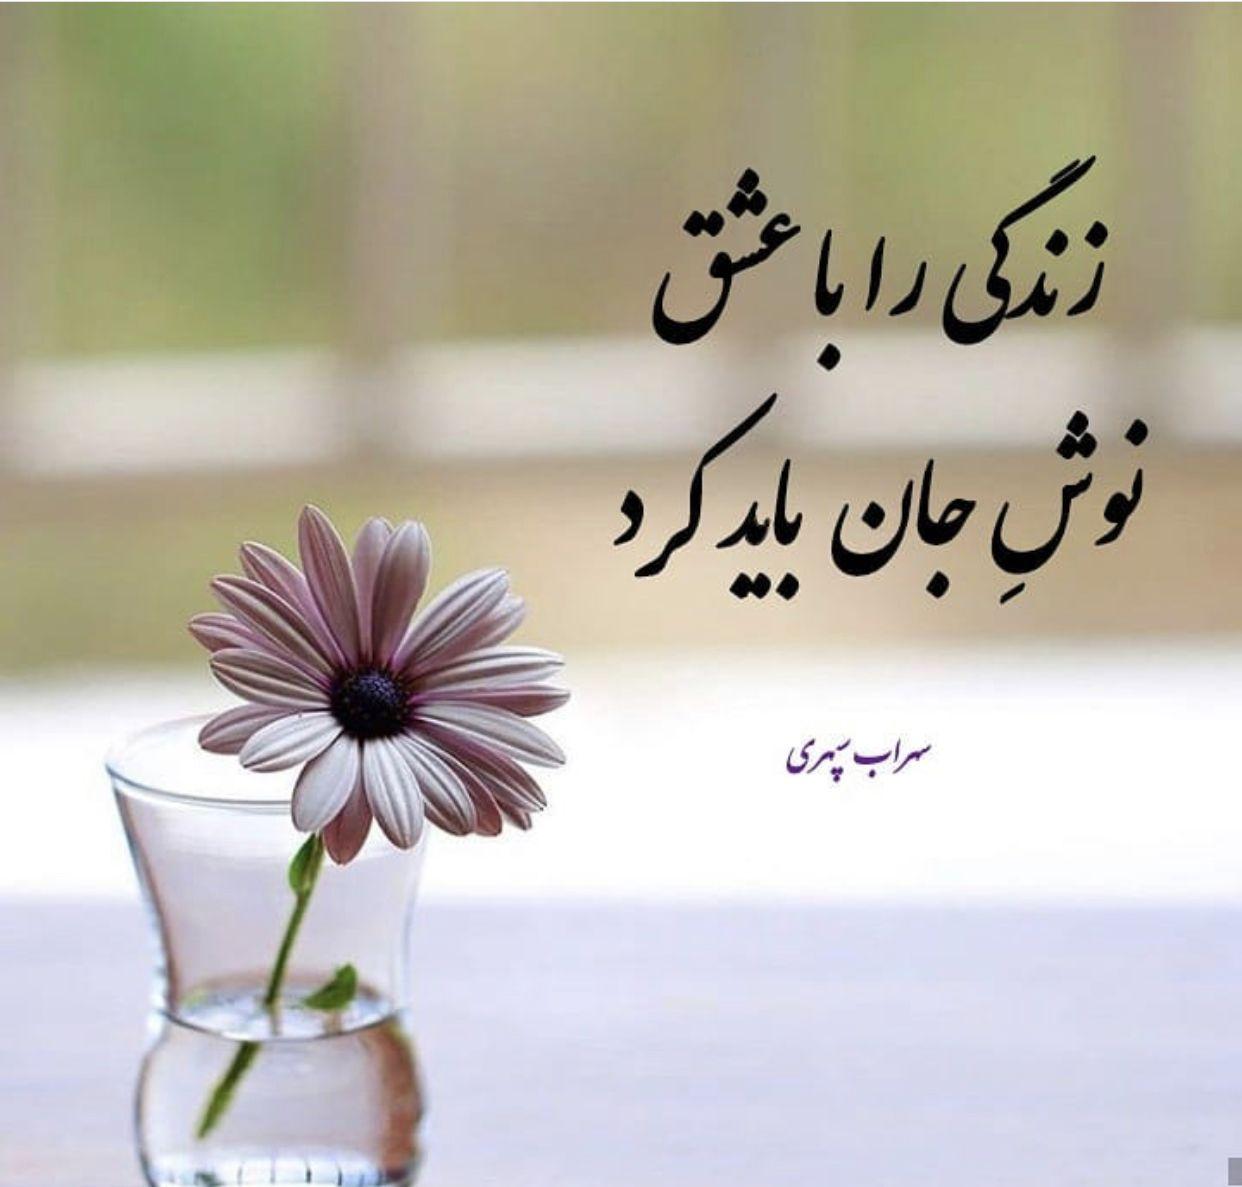 سهراب سپهری Text Pictures Love Quotes For Her Persian Poem